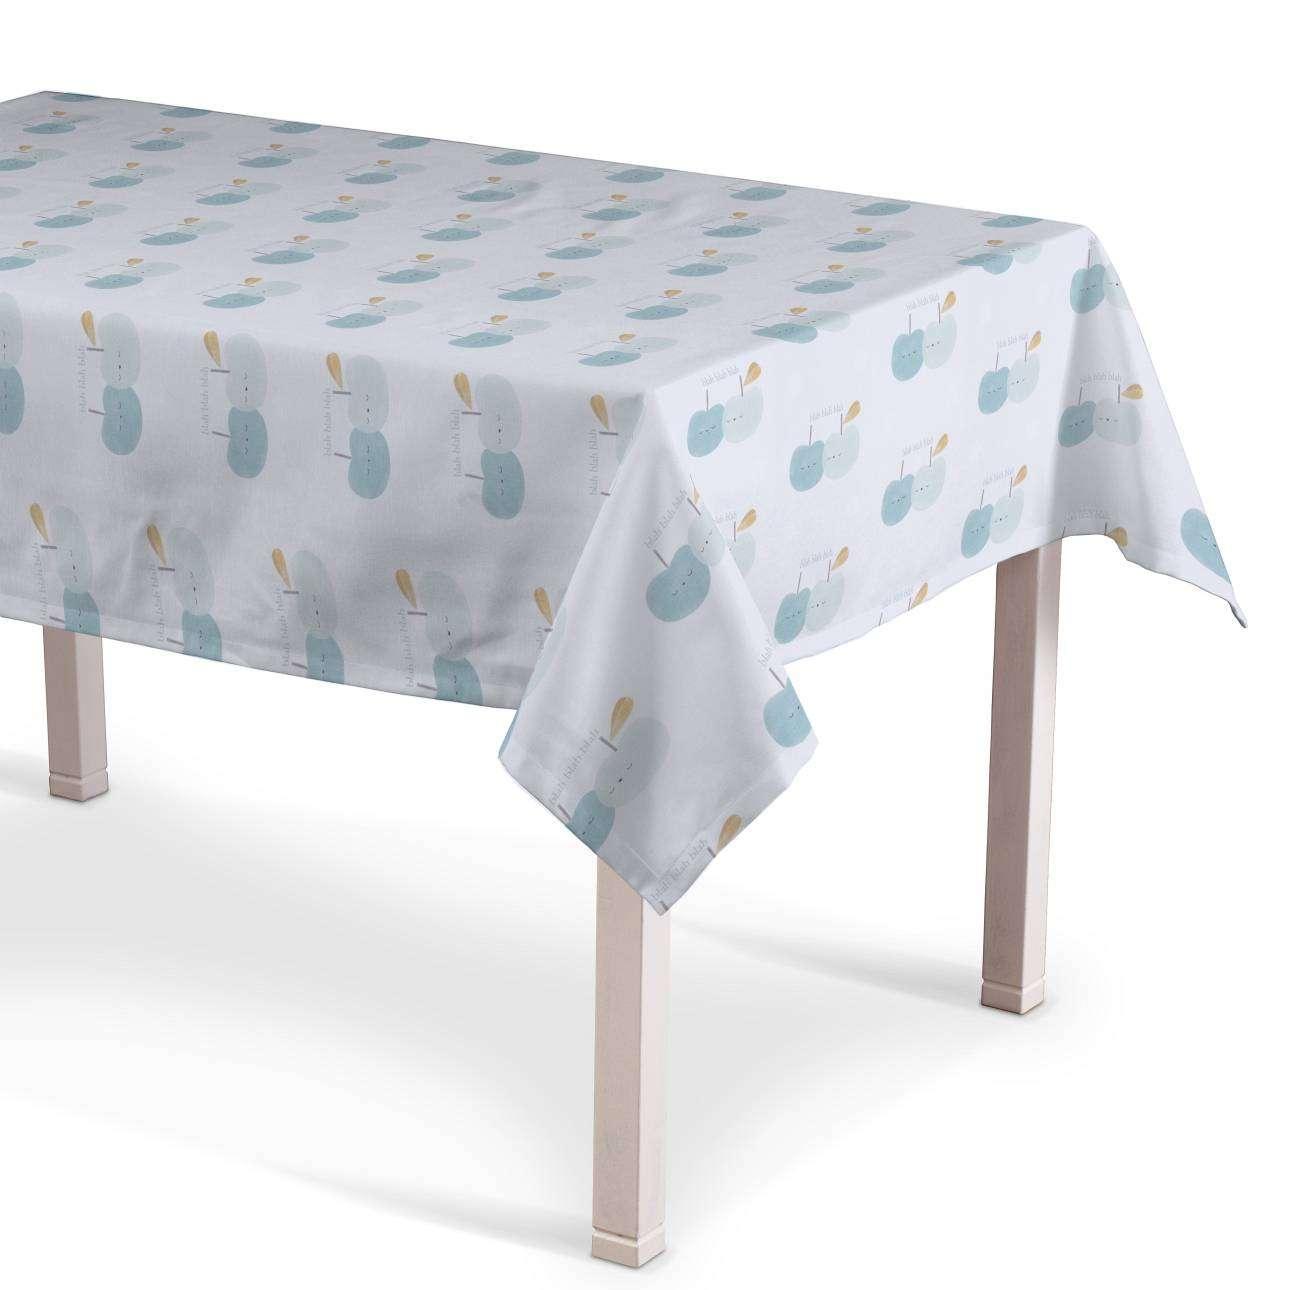 Rechteckige Tischdecke 130 x 130 cm von der Kollektion Apanona, Stoff: 151-02